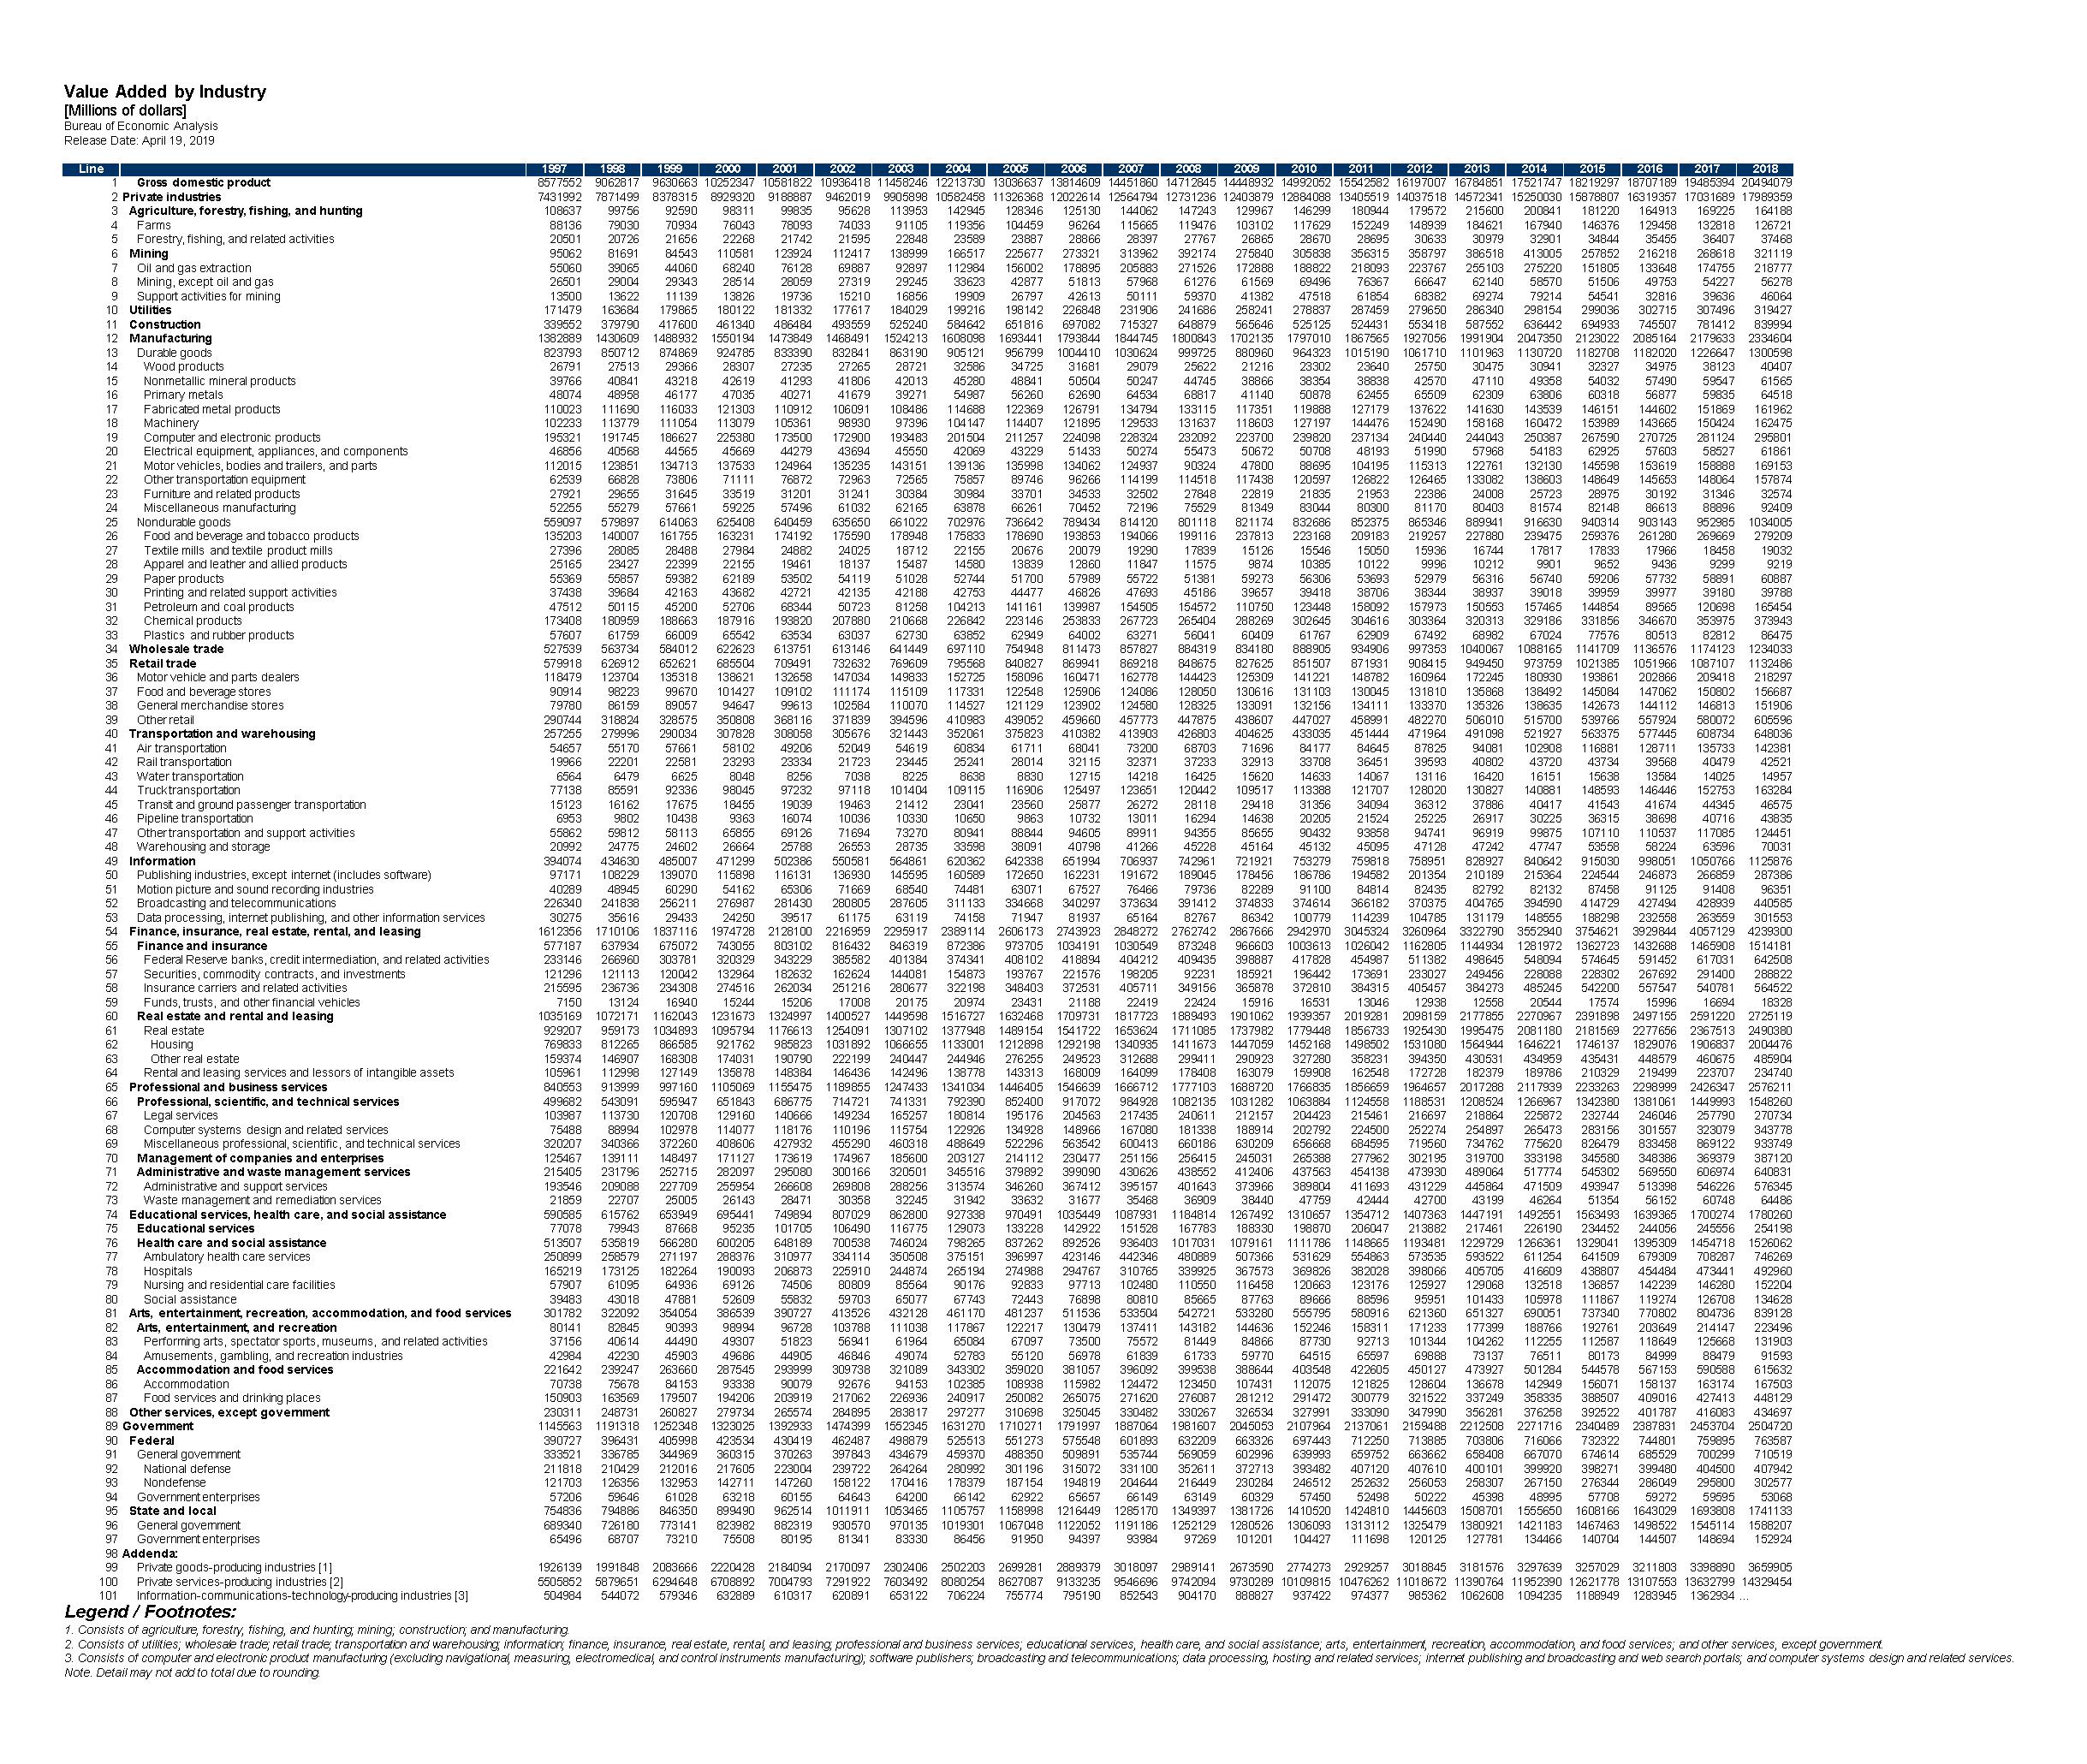 美國GDP以及各行業產值(1997年-2018年).xlsx